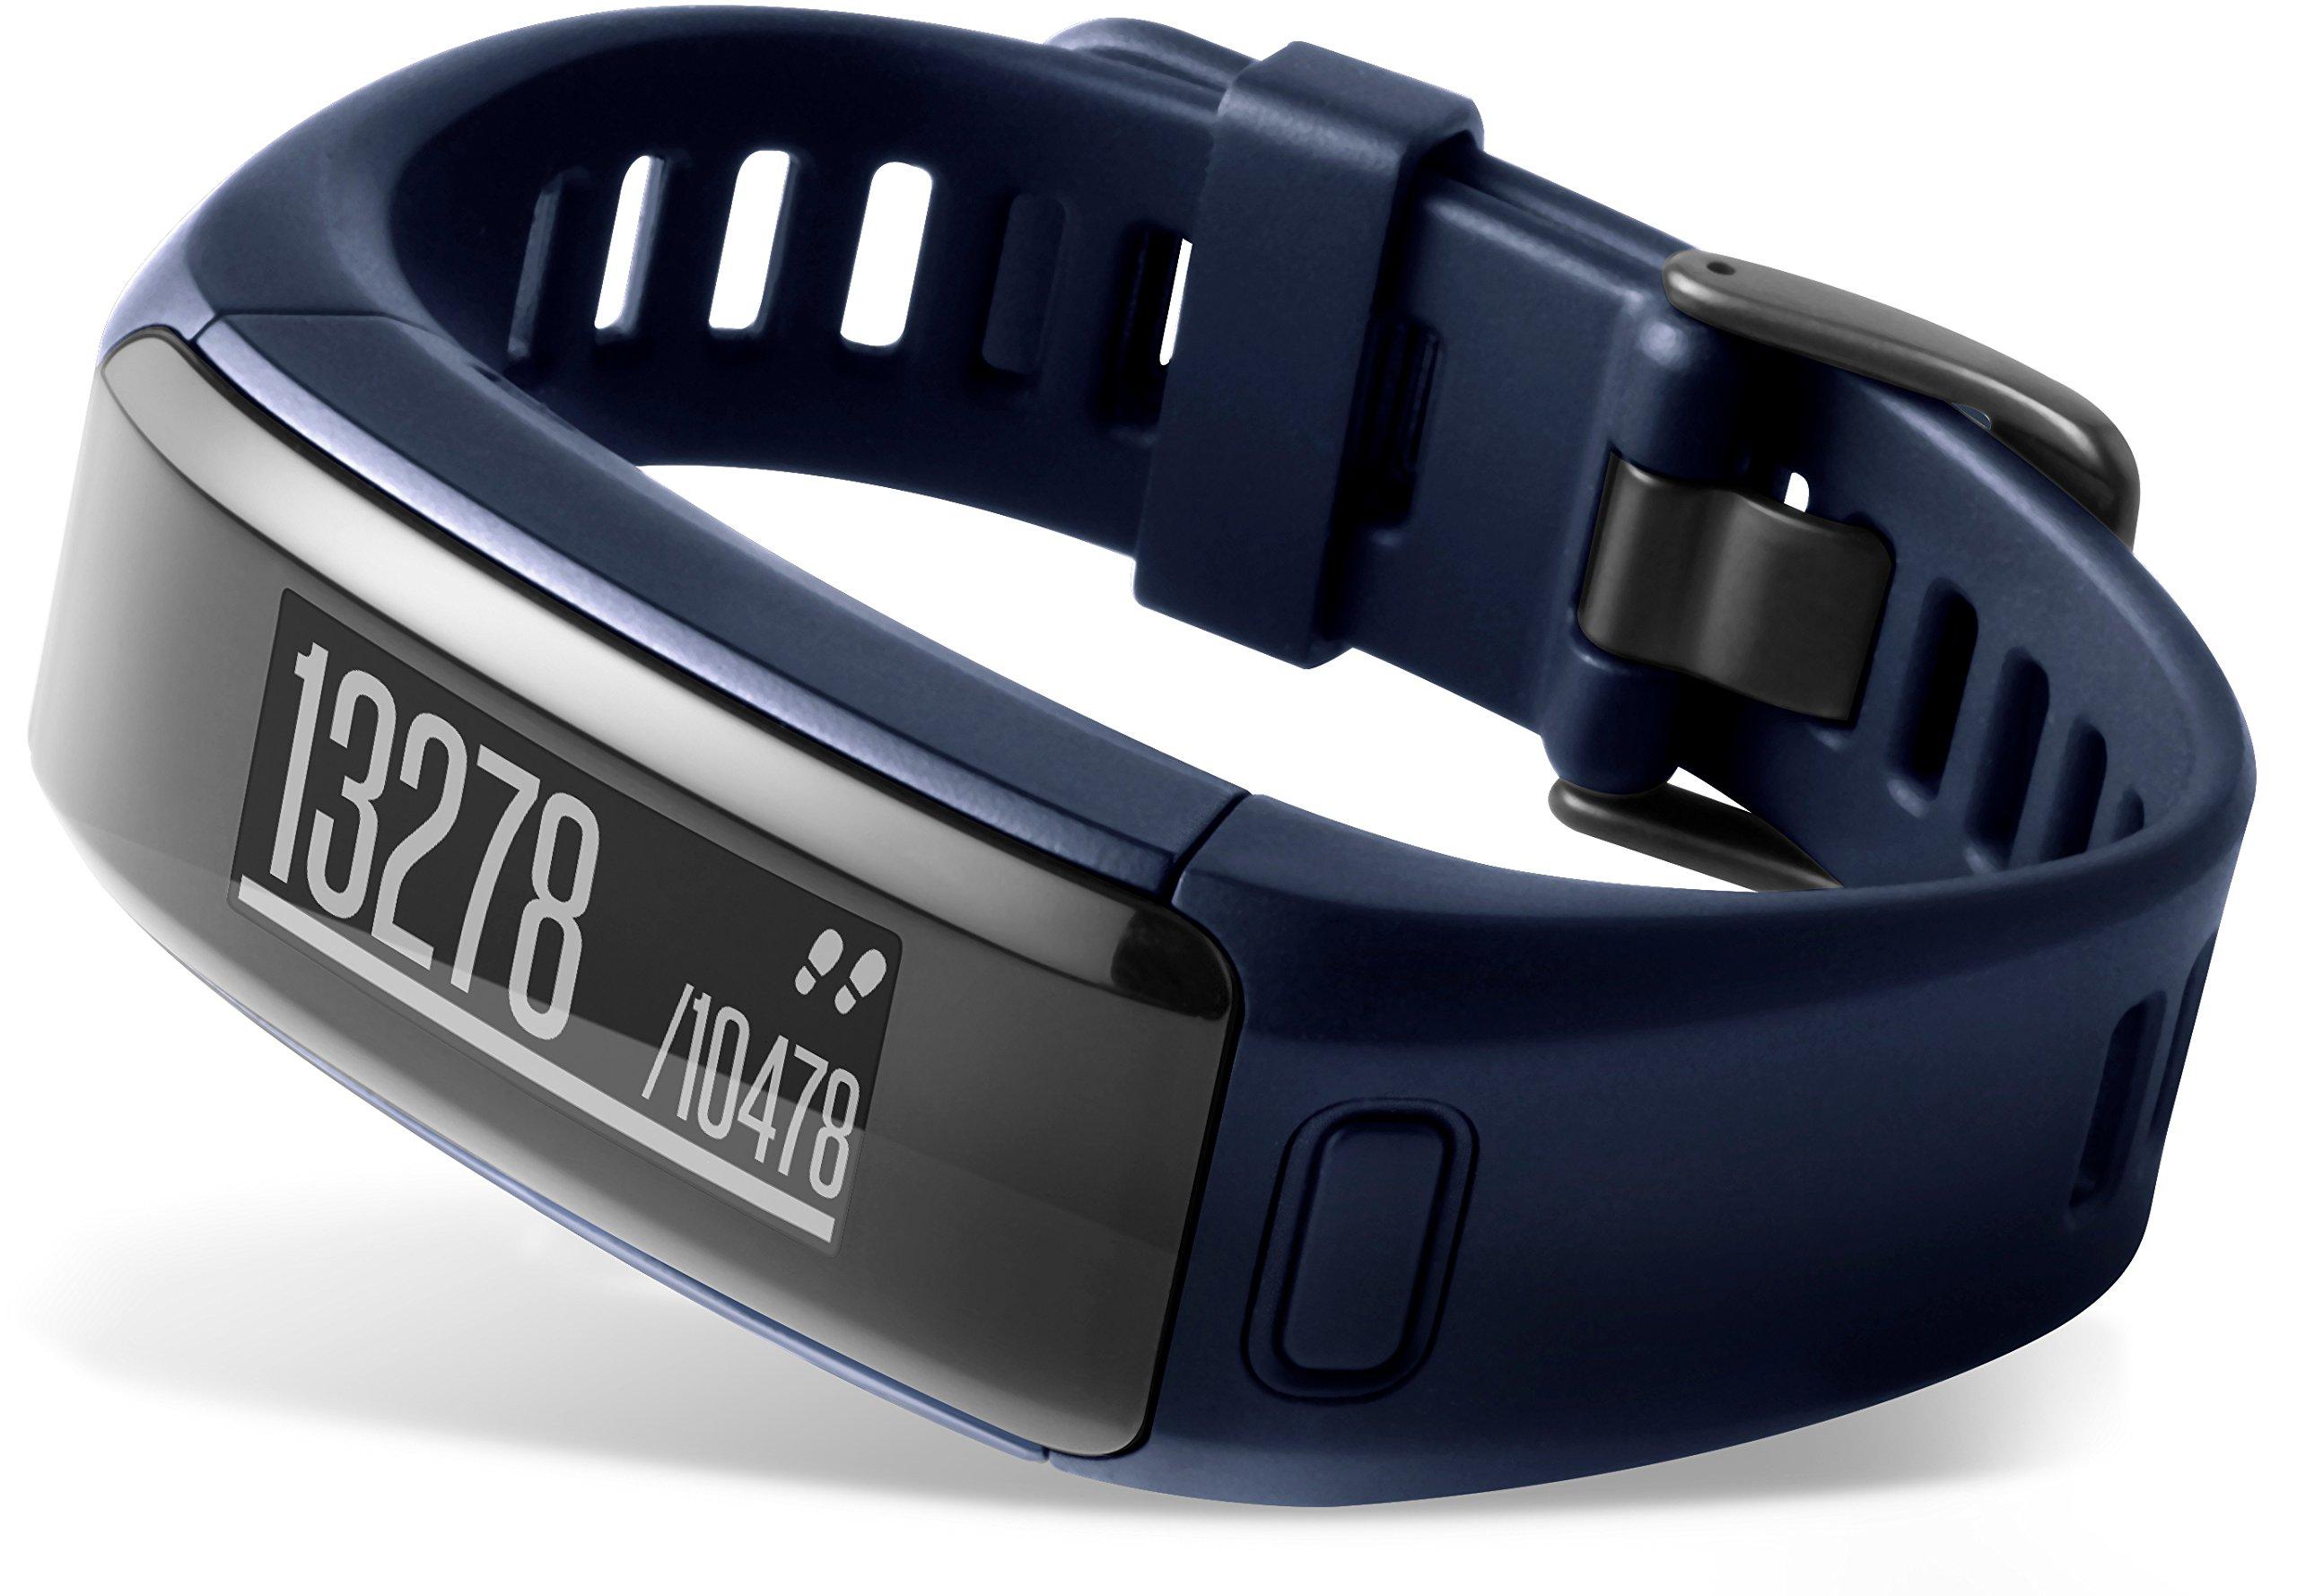 Garmin vívosmart HR Activity Tracker Regular Fit - Midnight Blue (Deep Blue) by Garmin (Image #11)